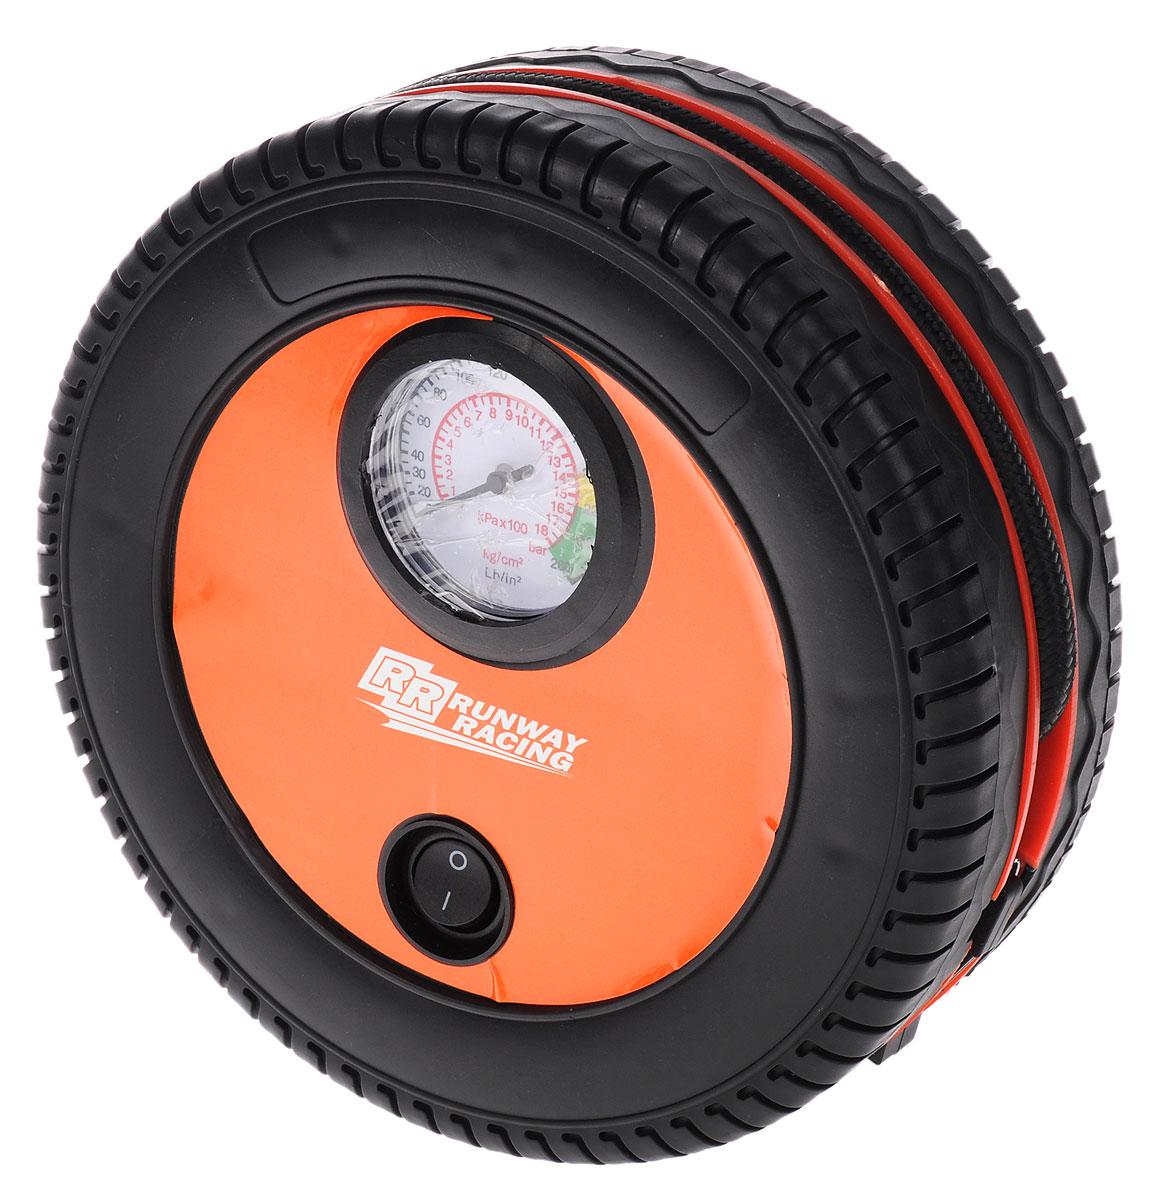 Компрессор автомобильный Runway Racing, 12В. RR131RR131Компрессор Runway Racing подходит для автомобильных и велосипедных шин, для матрасов и лодок и других надувных изделий из резины. Он мощный, компактный и удобный в использовании. Компрессор выполнен из прочного пластика в виде колеса. Шланг и кабель питания убираются в кабель, что обеспечивает компактное хранение изделия. Питается компрессор от автомобильной сети 12В.В комплекте насадки для накачивания различных резиновых предметов. Максимальное давление: 250 PSI (17 атм). Производительность: 18 л/мин. Вольтаж 12В. Время накачивания стандартной шины: 8 минут.